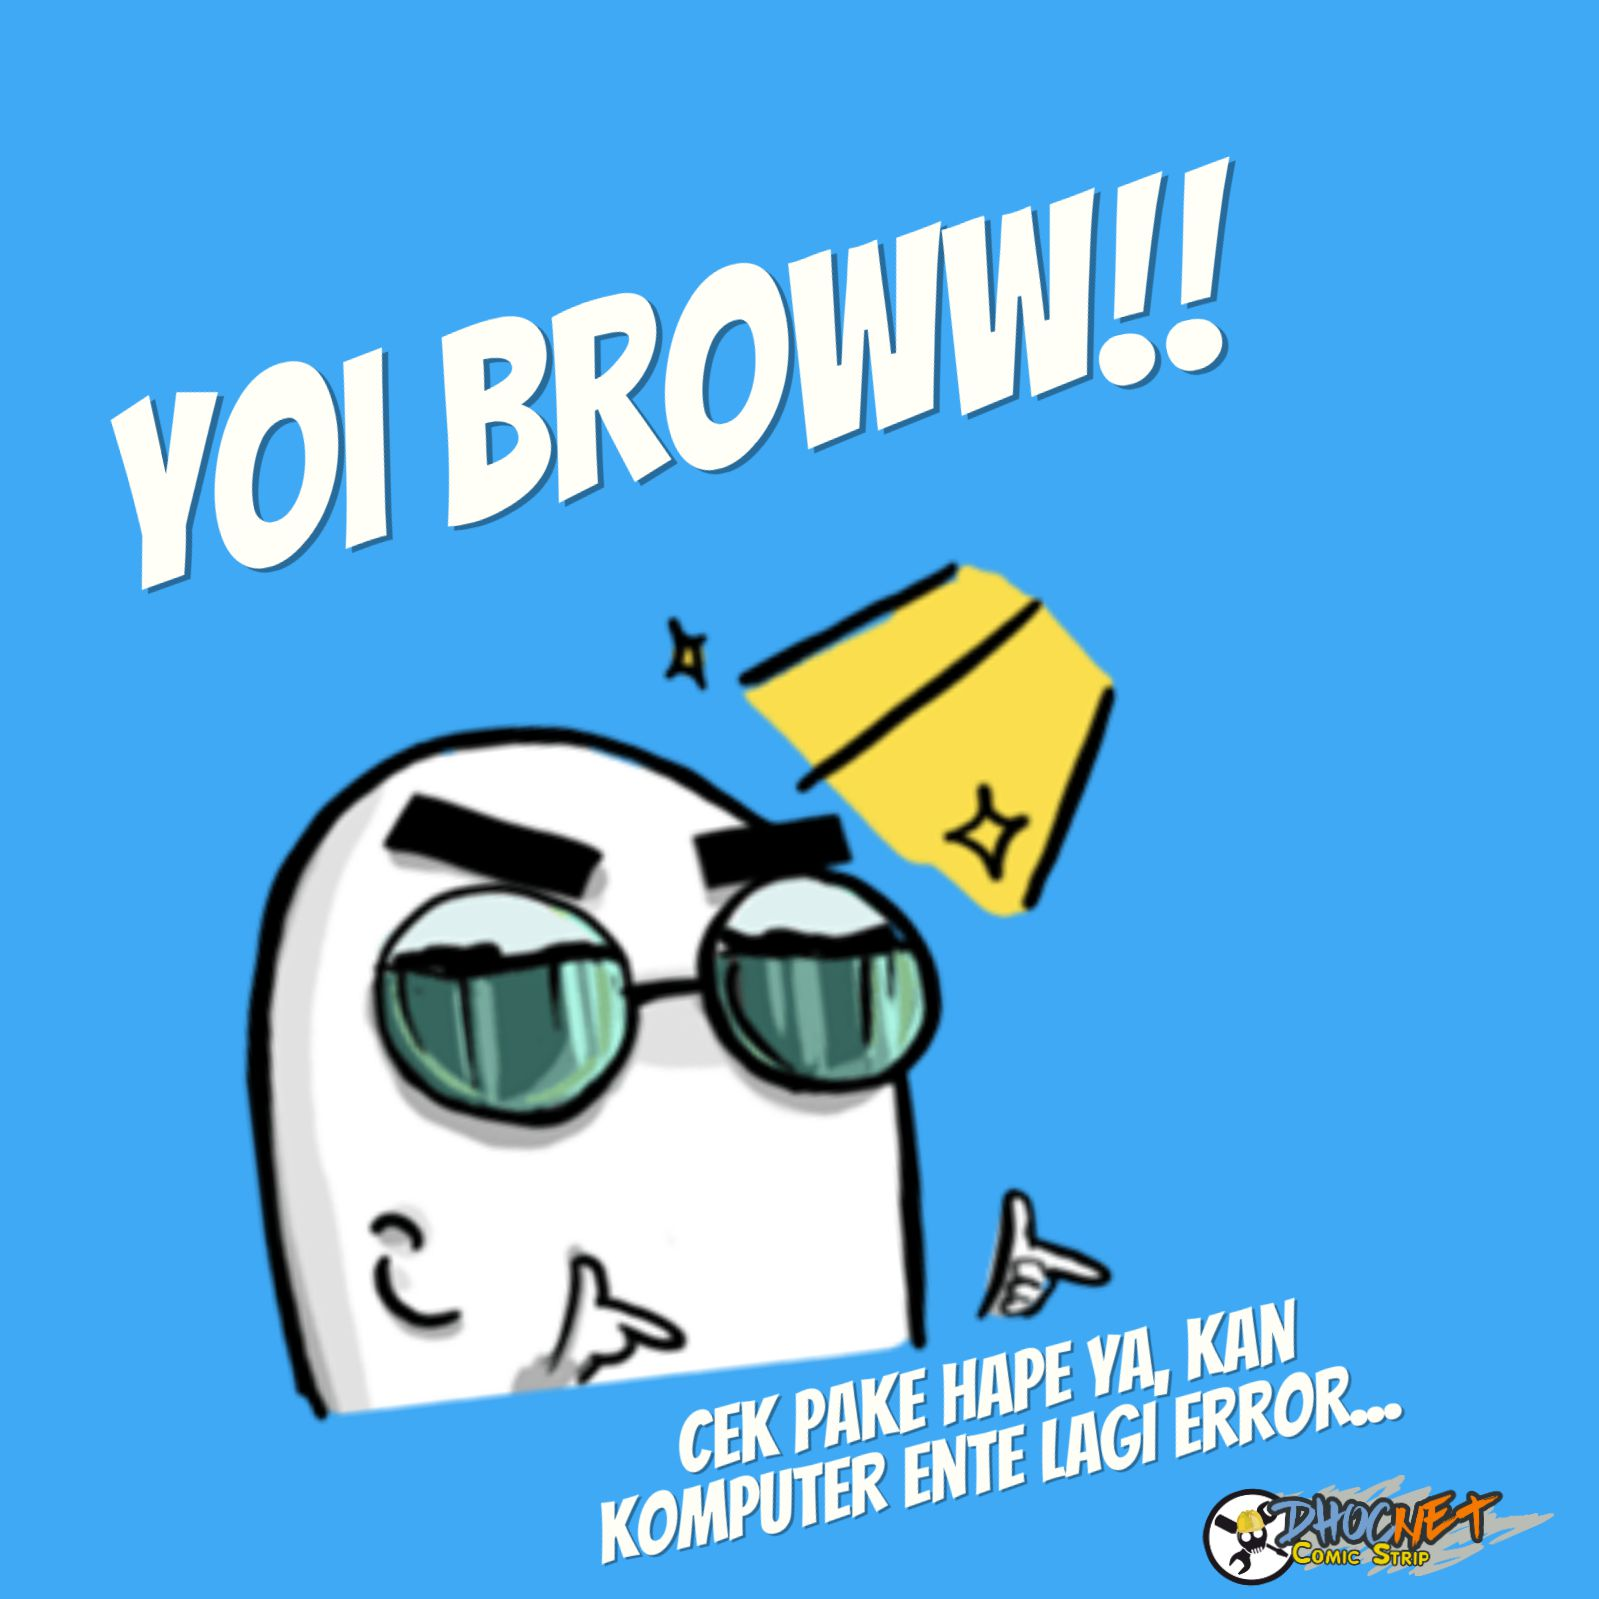 Makanya Pakai Yang Ini!!! - Baca web comic gratis di strip.dhocnet.work